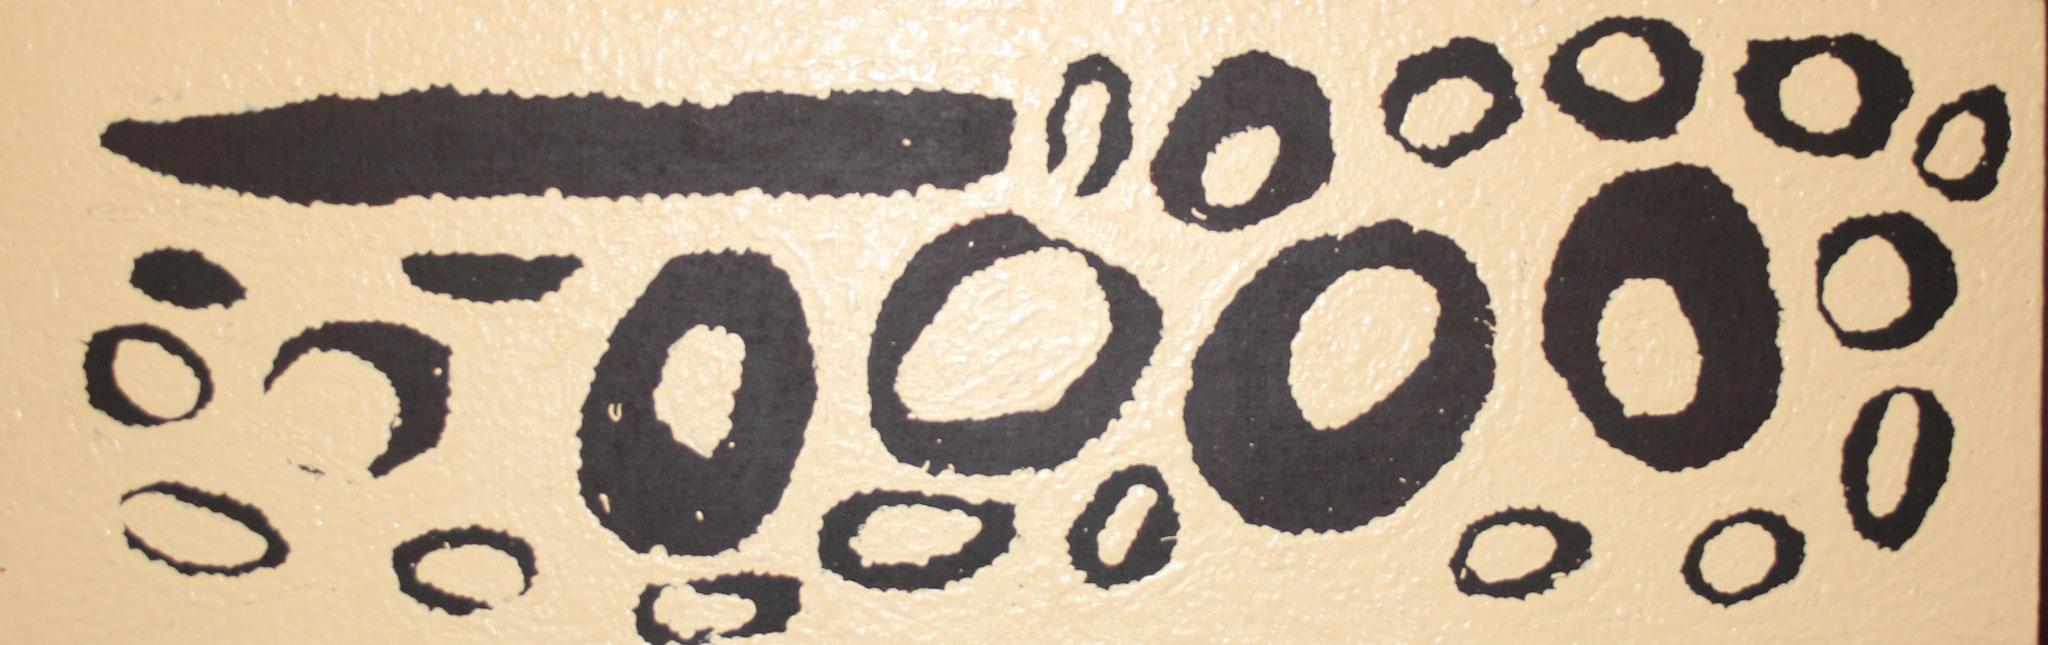 ウィンチャ・ナパチャリ 「女性の旅物語」 33x92cm